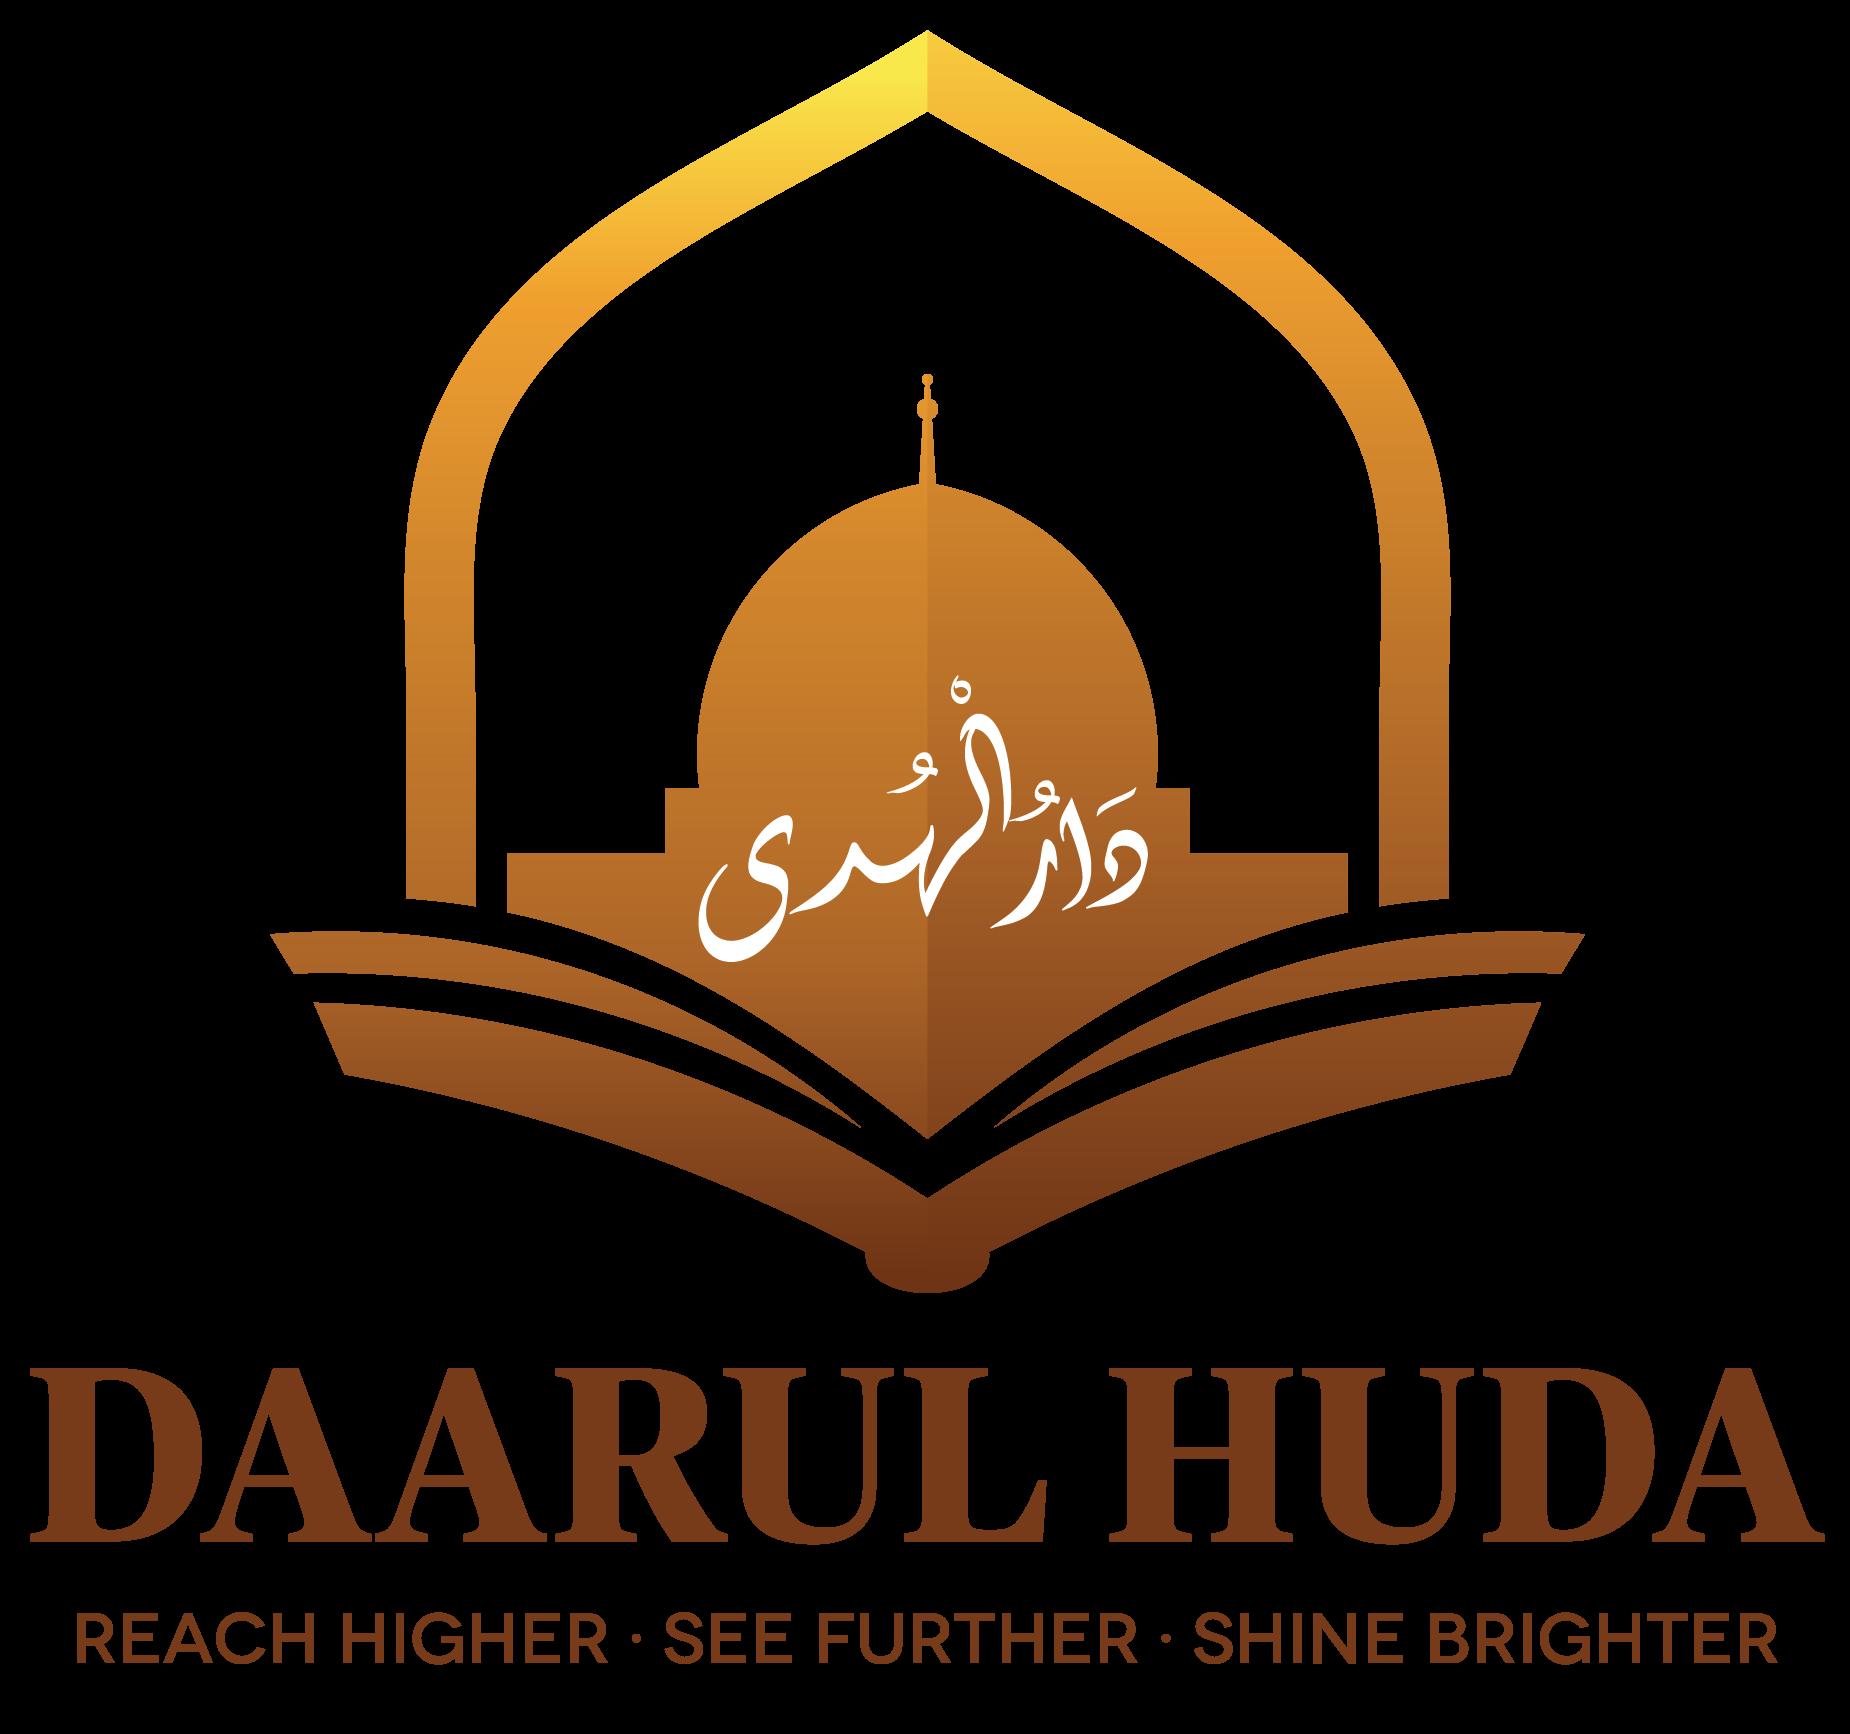 Daarul Huda